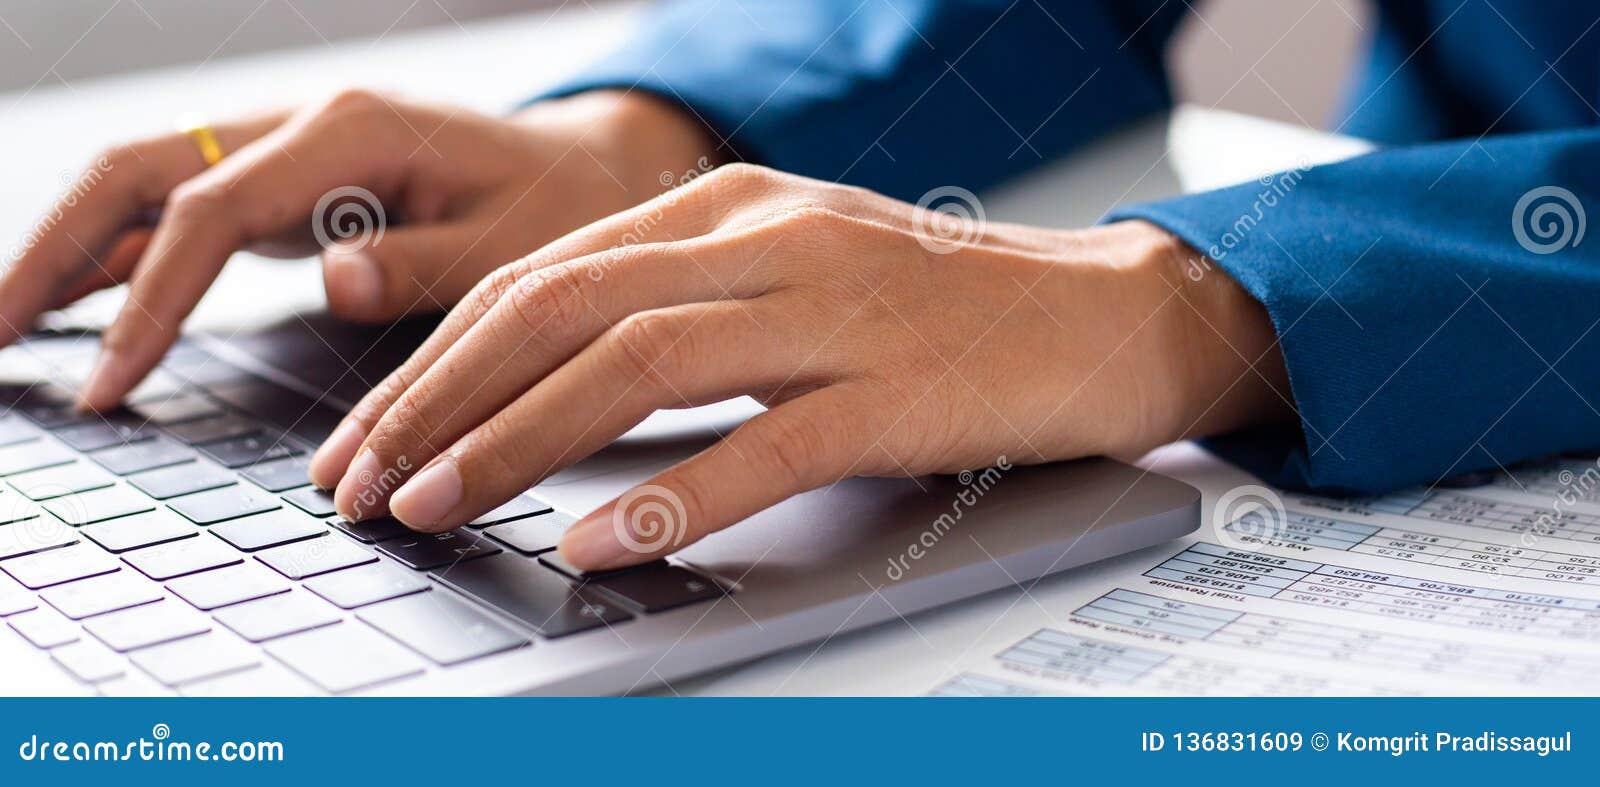 Młody żeński uczeń pisać na maszynie na komputerowym obsiadaniu przy drewnianym stołem